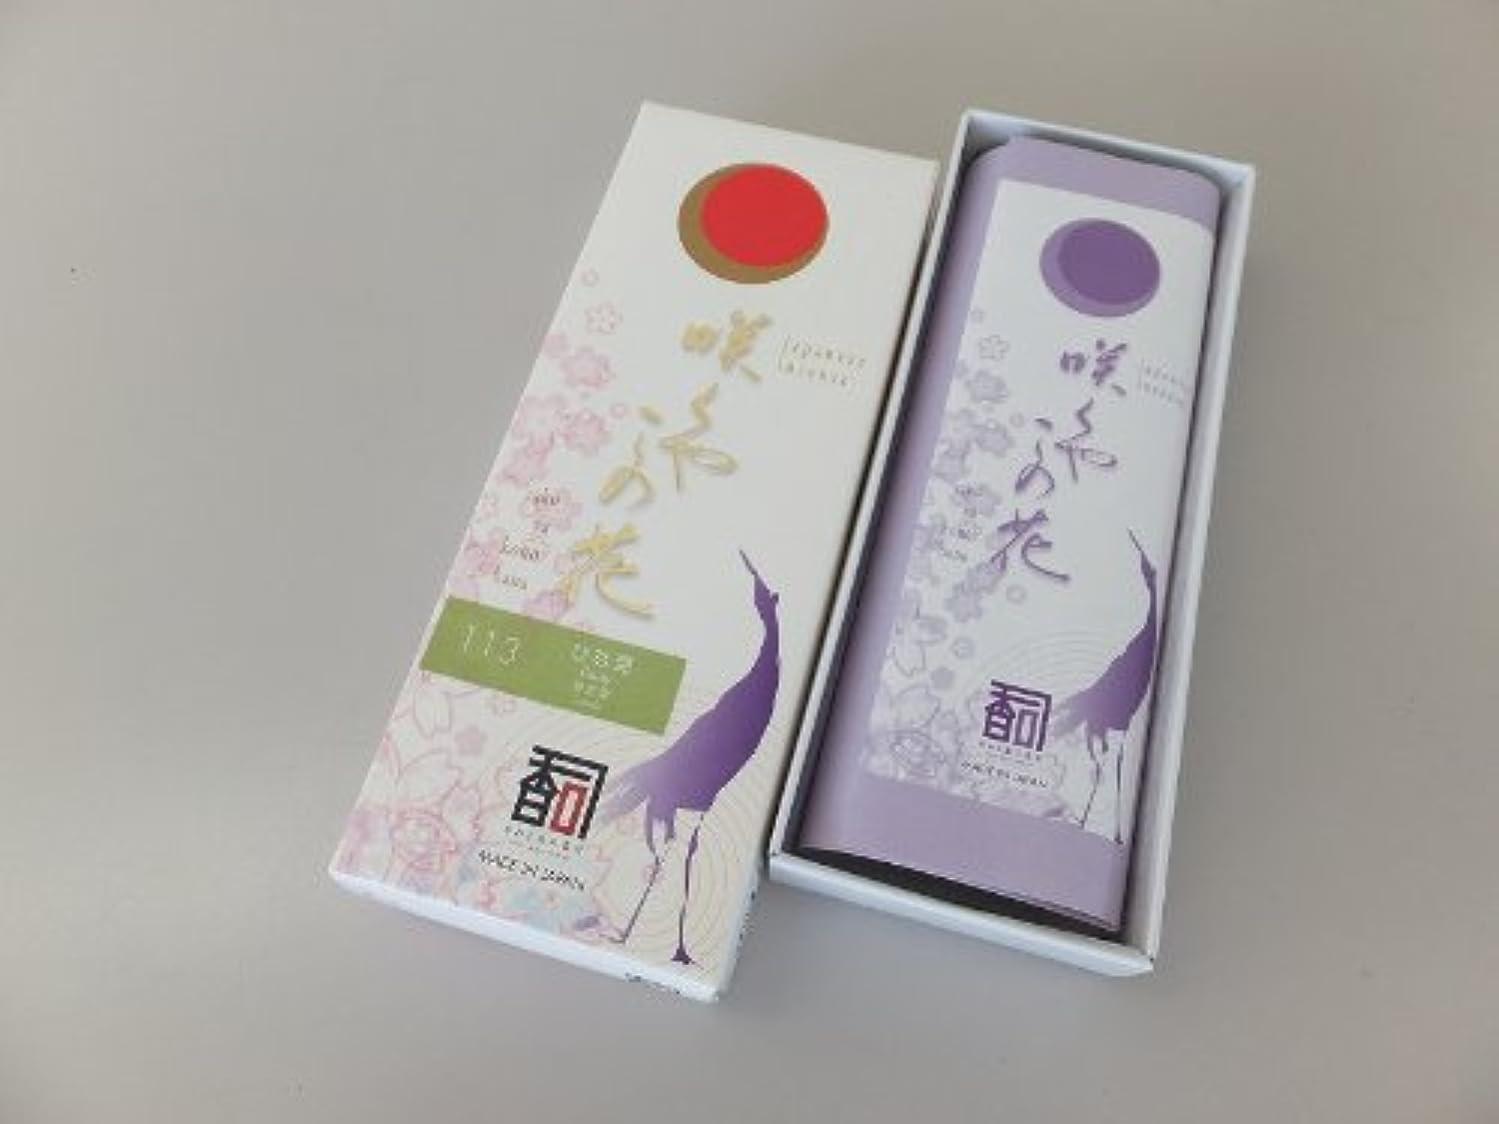 前投薬おばさん喉が渇いた「あわじ島の香司」 日本の香りシリーズ  [咲くや この花] 【113】 ひな菊 (有煙)